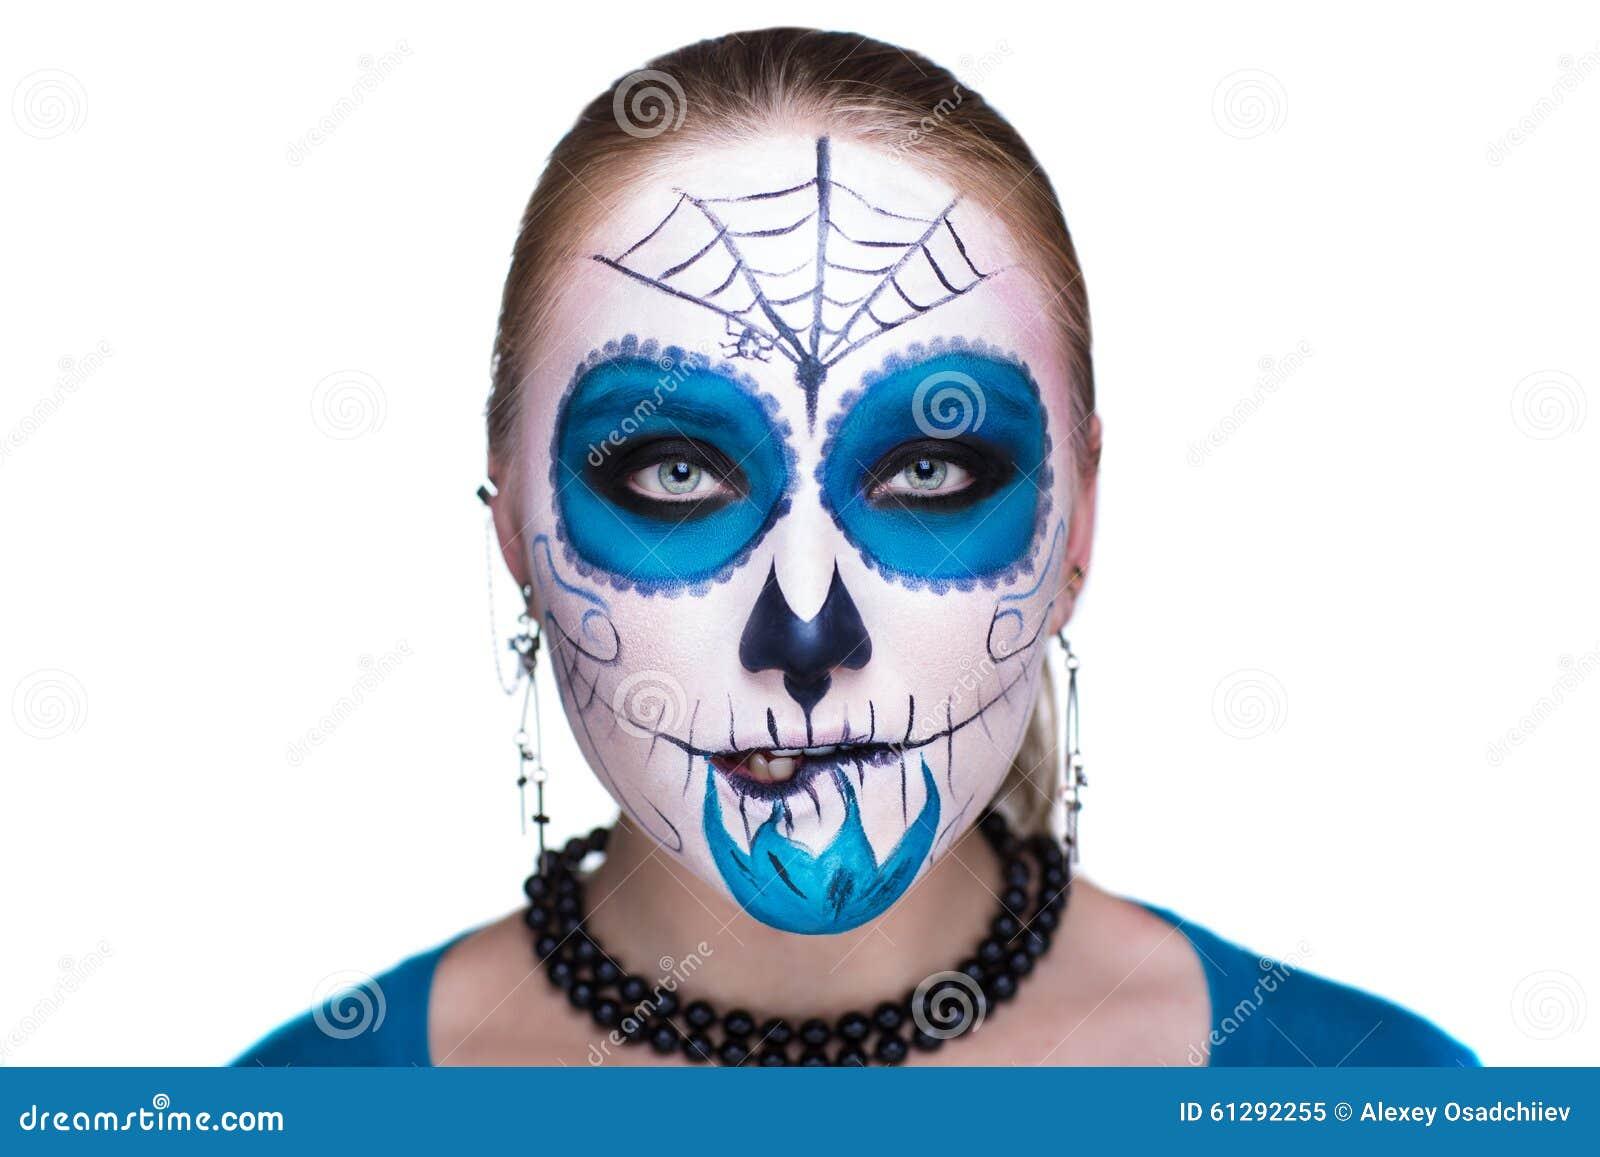 Blue White Skull Mask Stock Photo